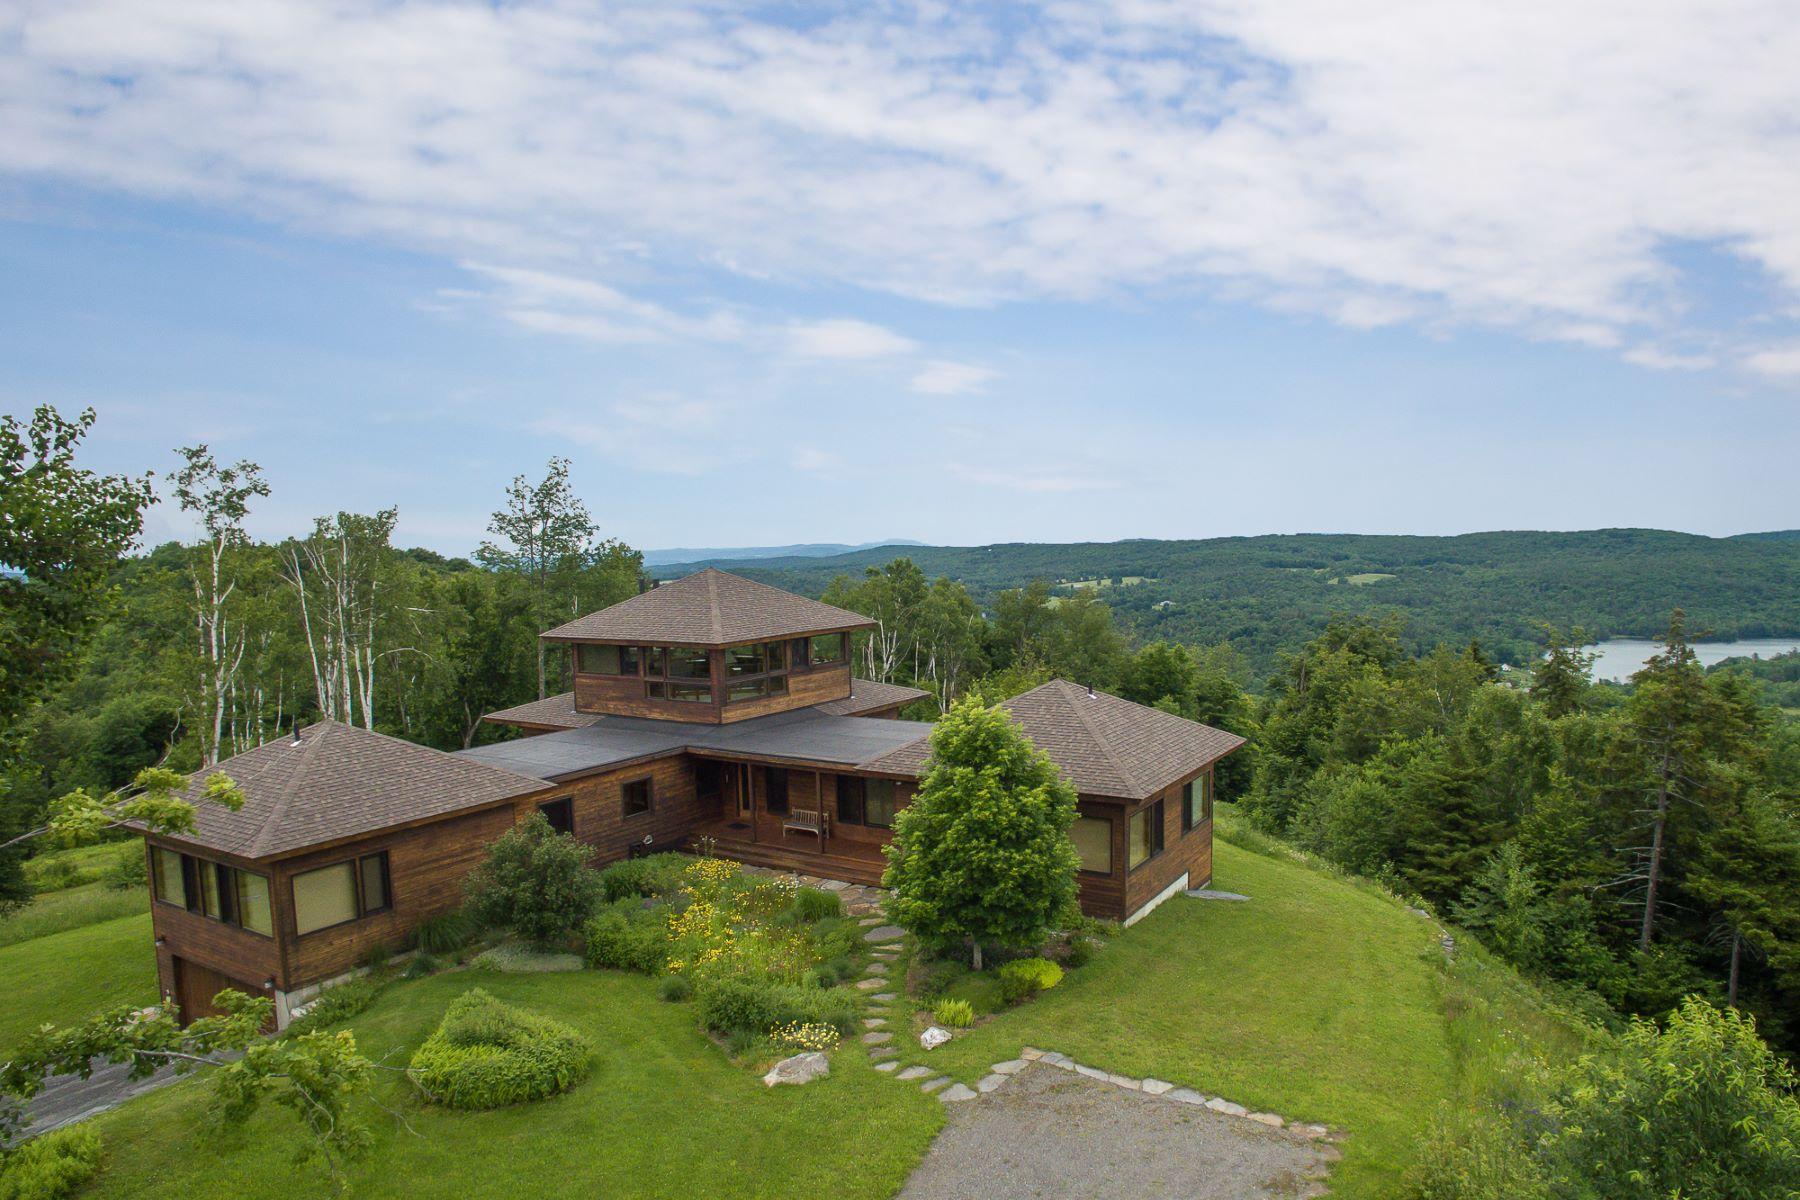 獨棟家庭住宅 為 出售 在 287 Bennett Road Rd, Barnard Barnard, 佛蒙特州, 05031 美國